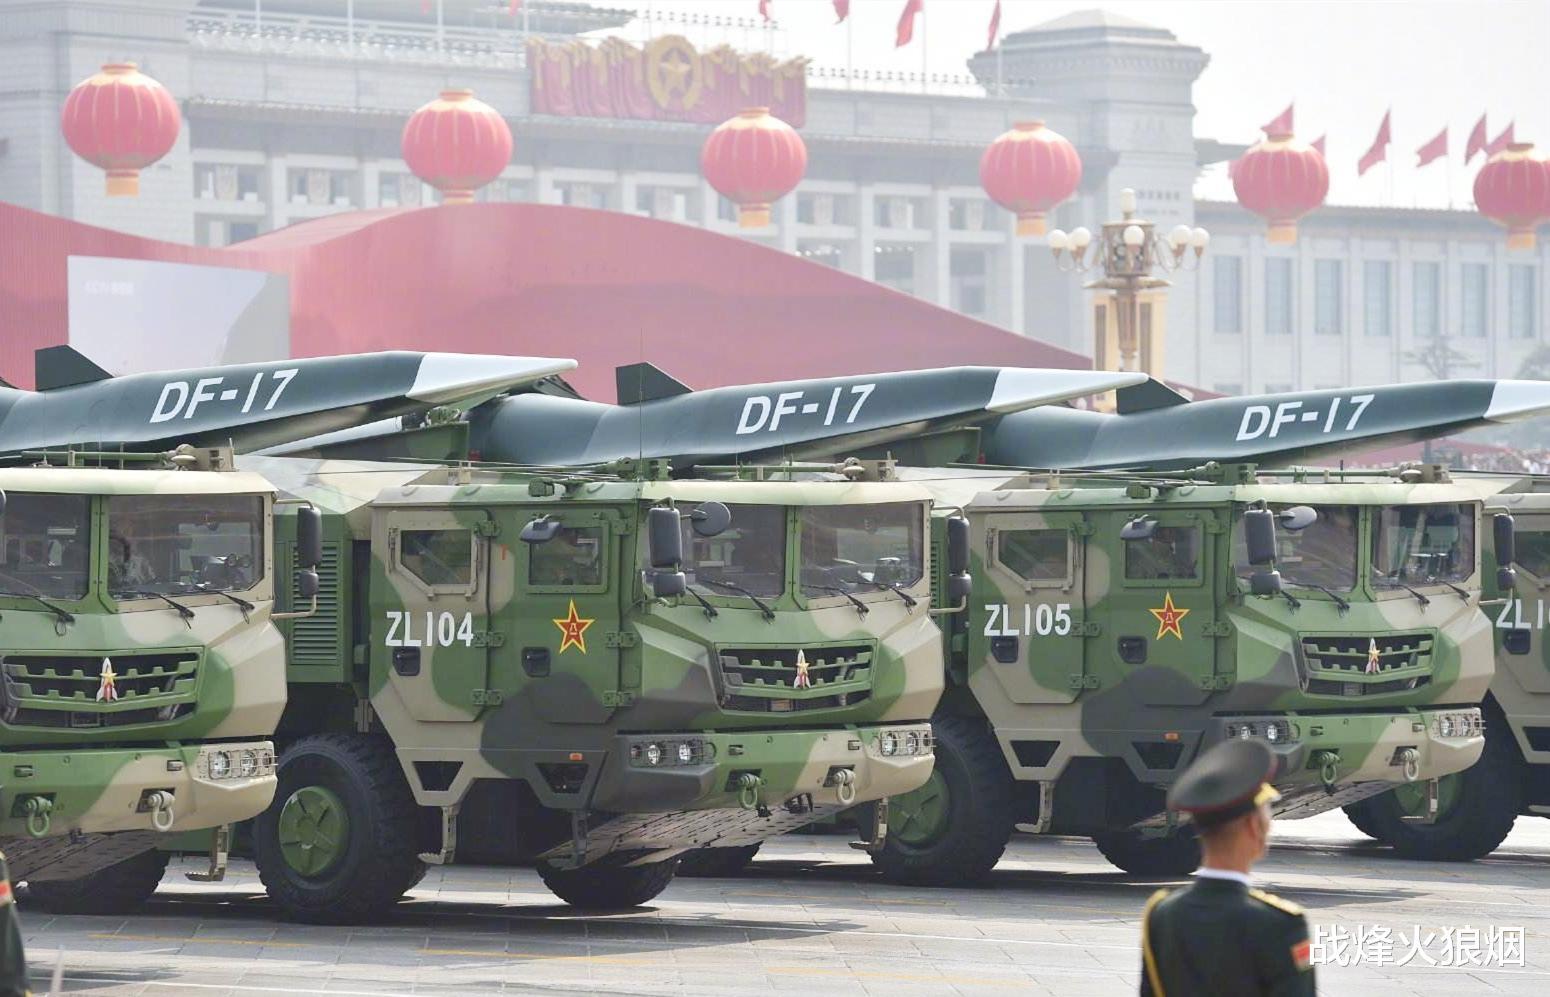 拉中國核談判失敗後,美要求中方公佈核彈數量,污蔑是全亞洲威脅-圖4